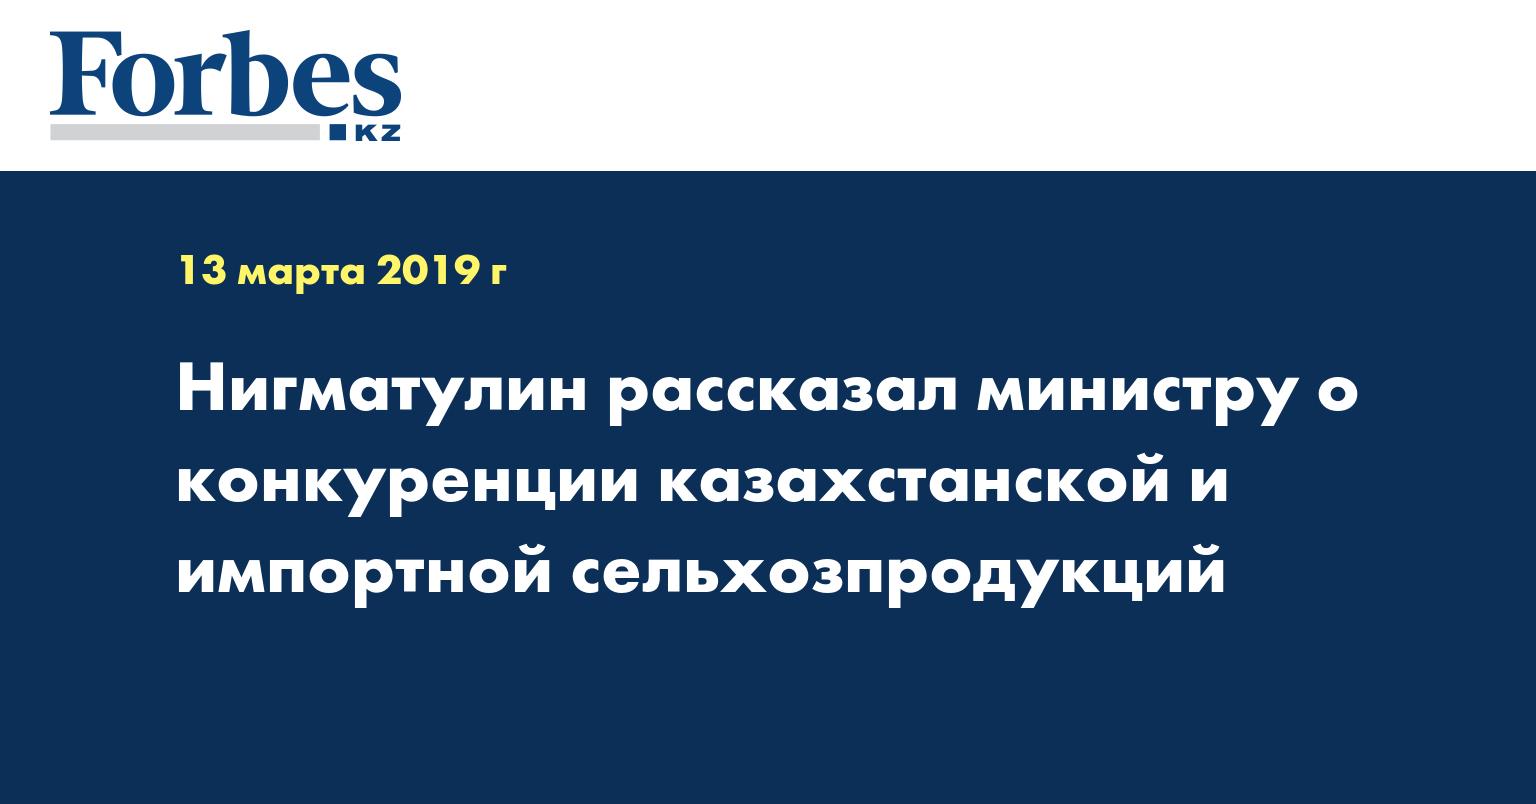 Нигматулин рассказал министру о конкуренции казахстанской и импортной сельхозпродукций